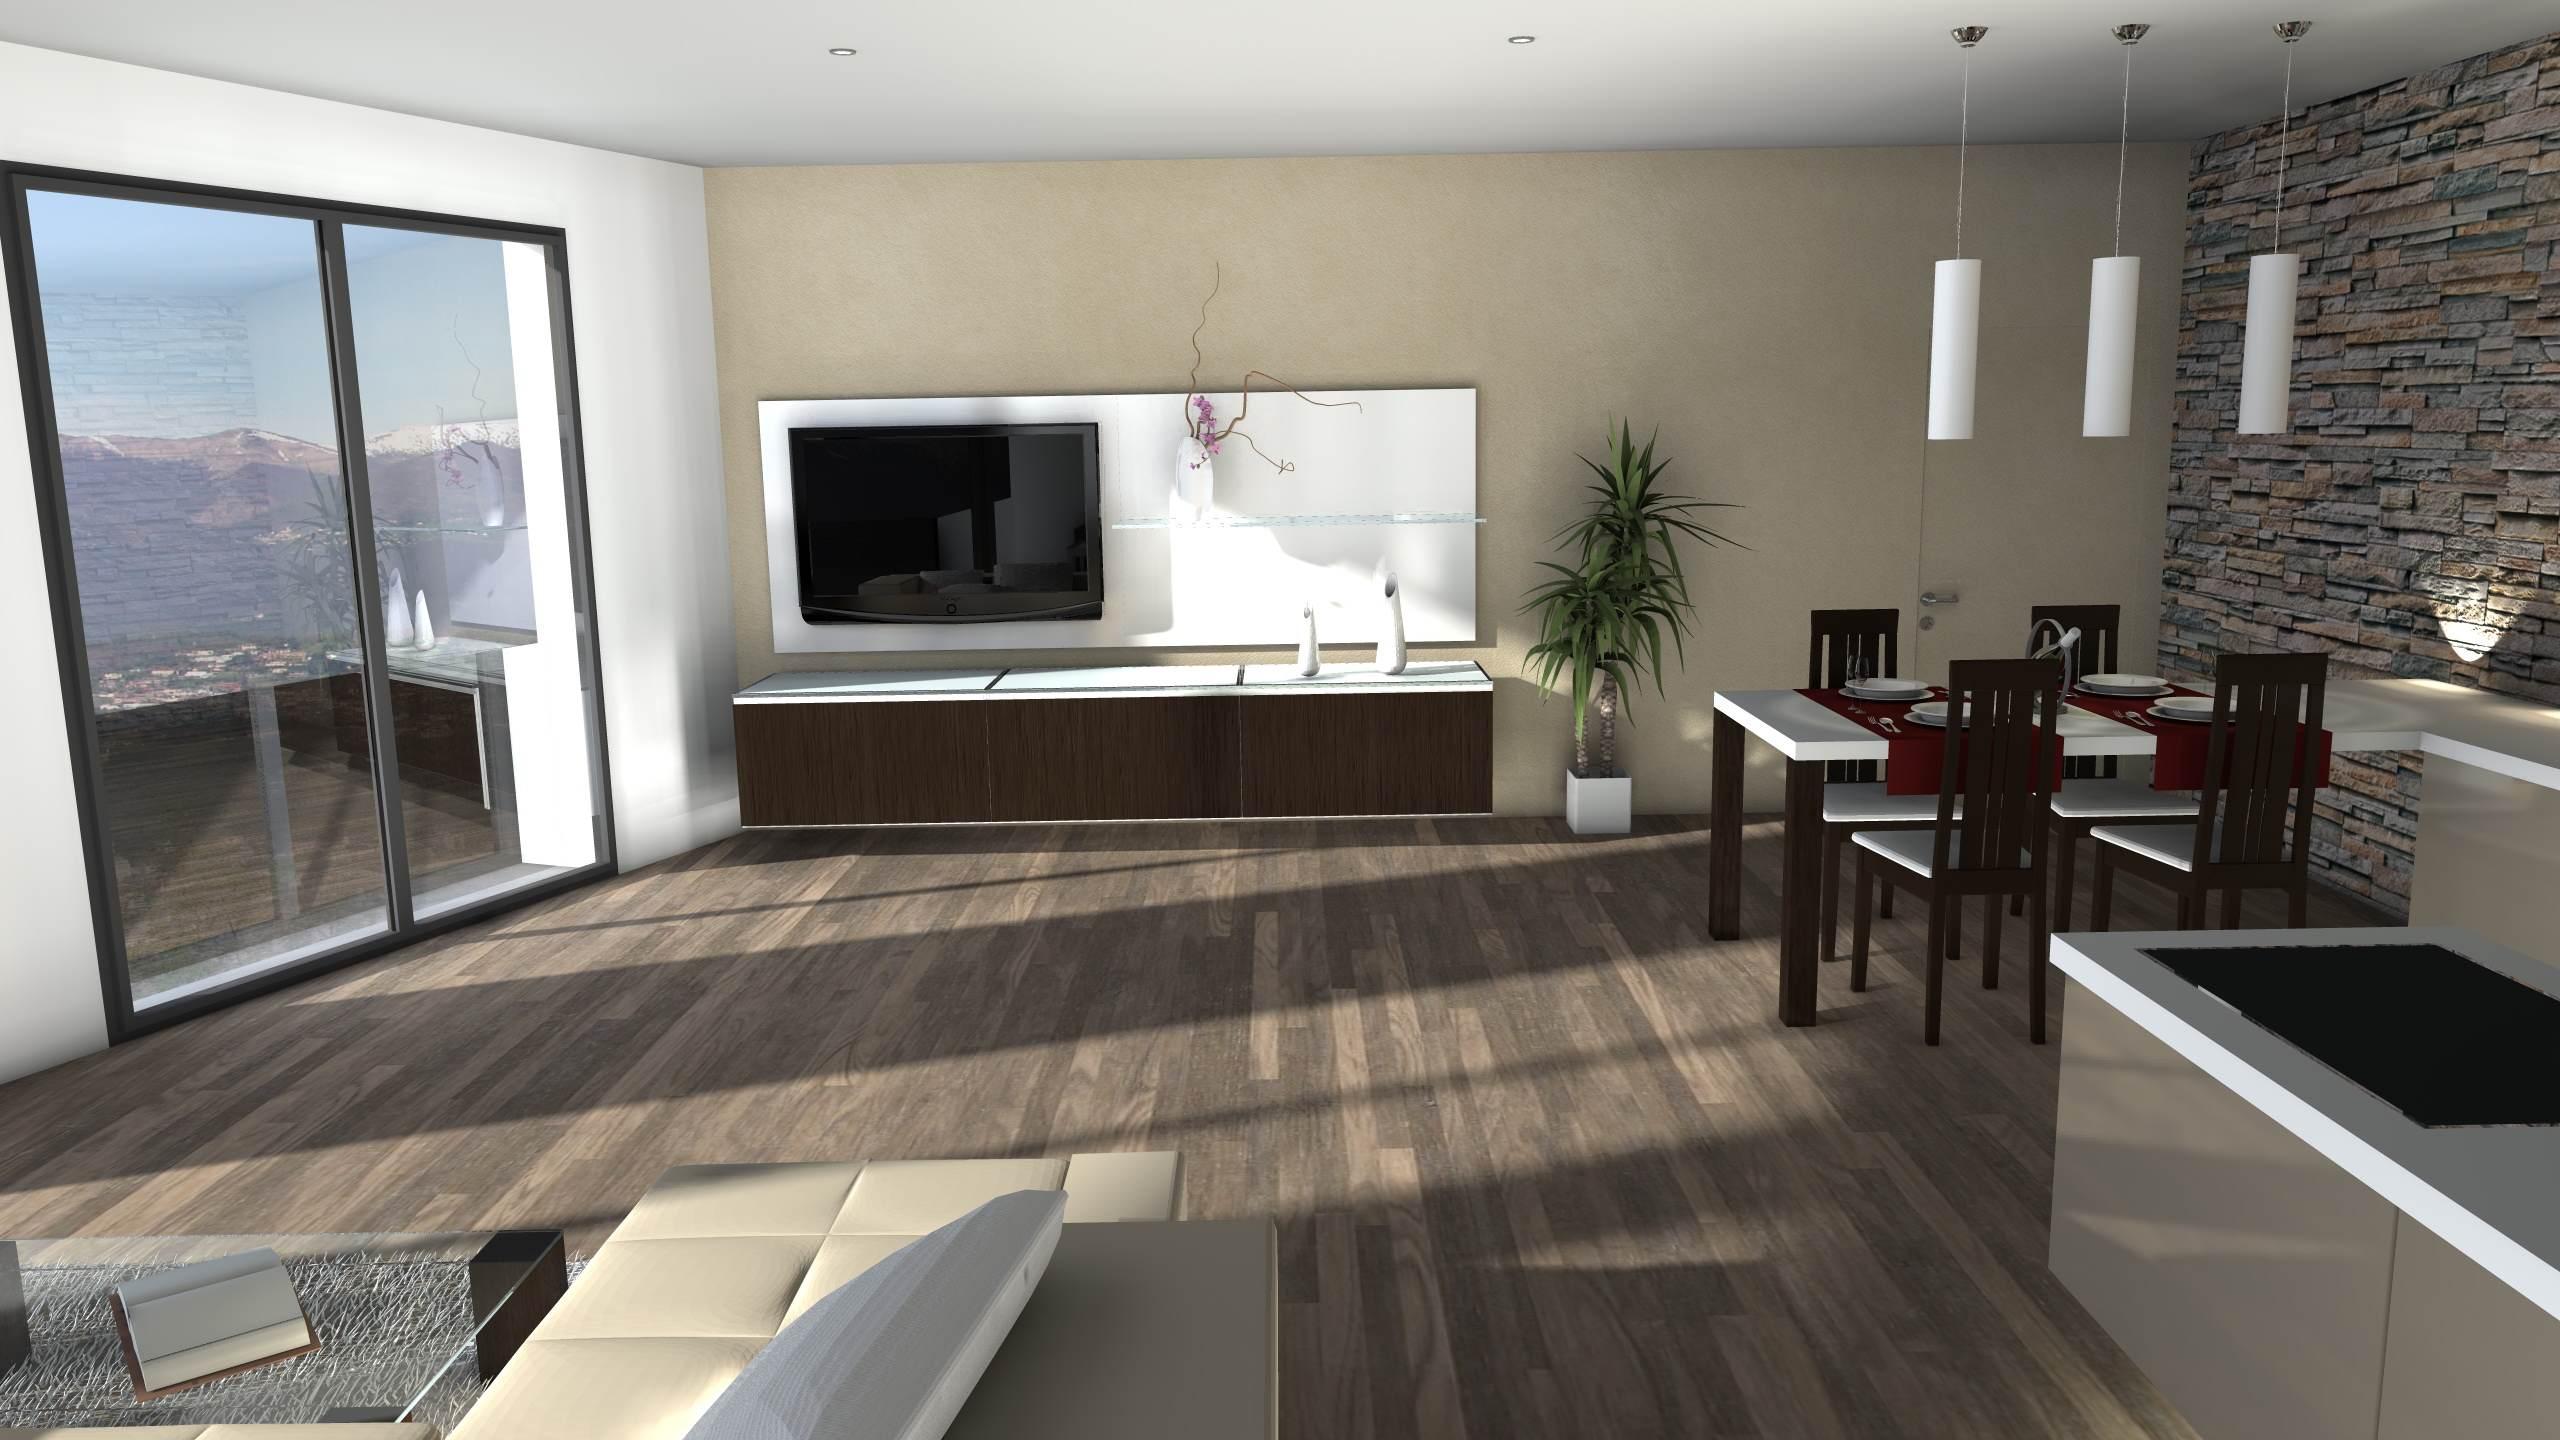 Cucine bianche e grigio perla moderne home design e - Cucine grigio perla ...